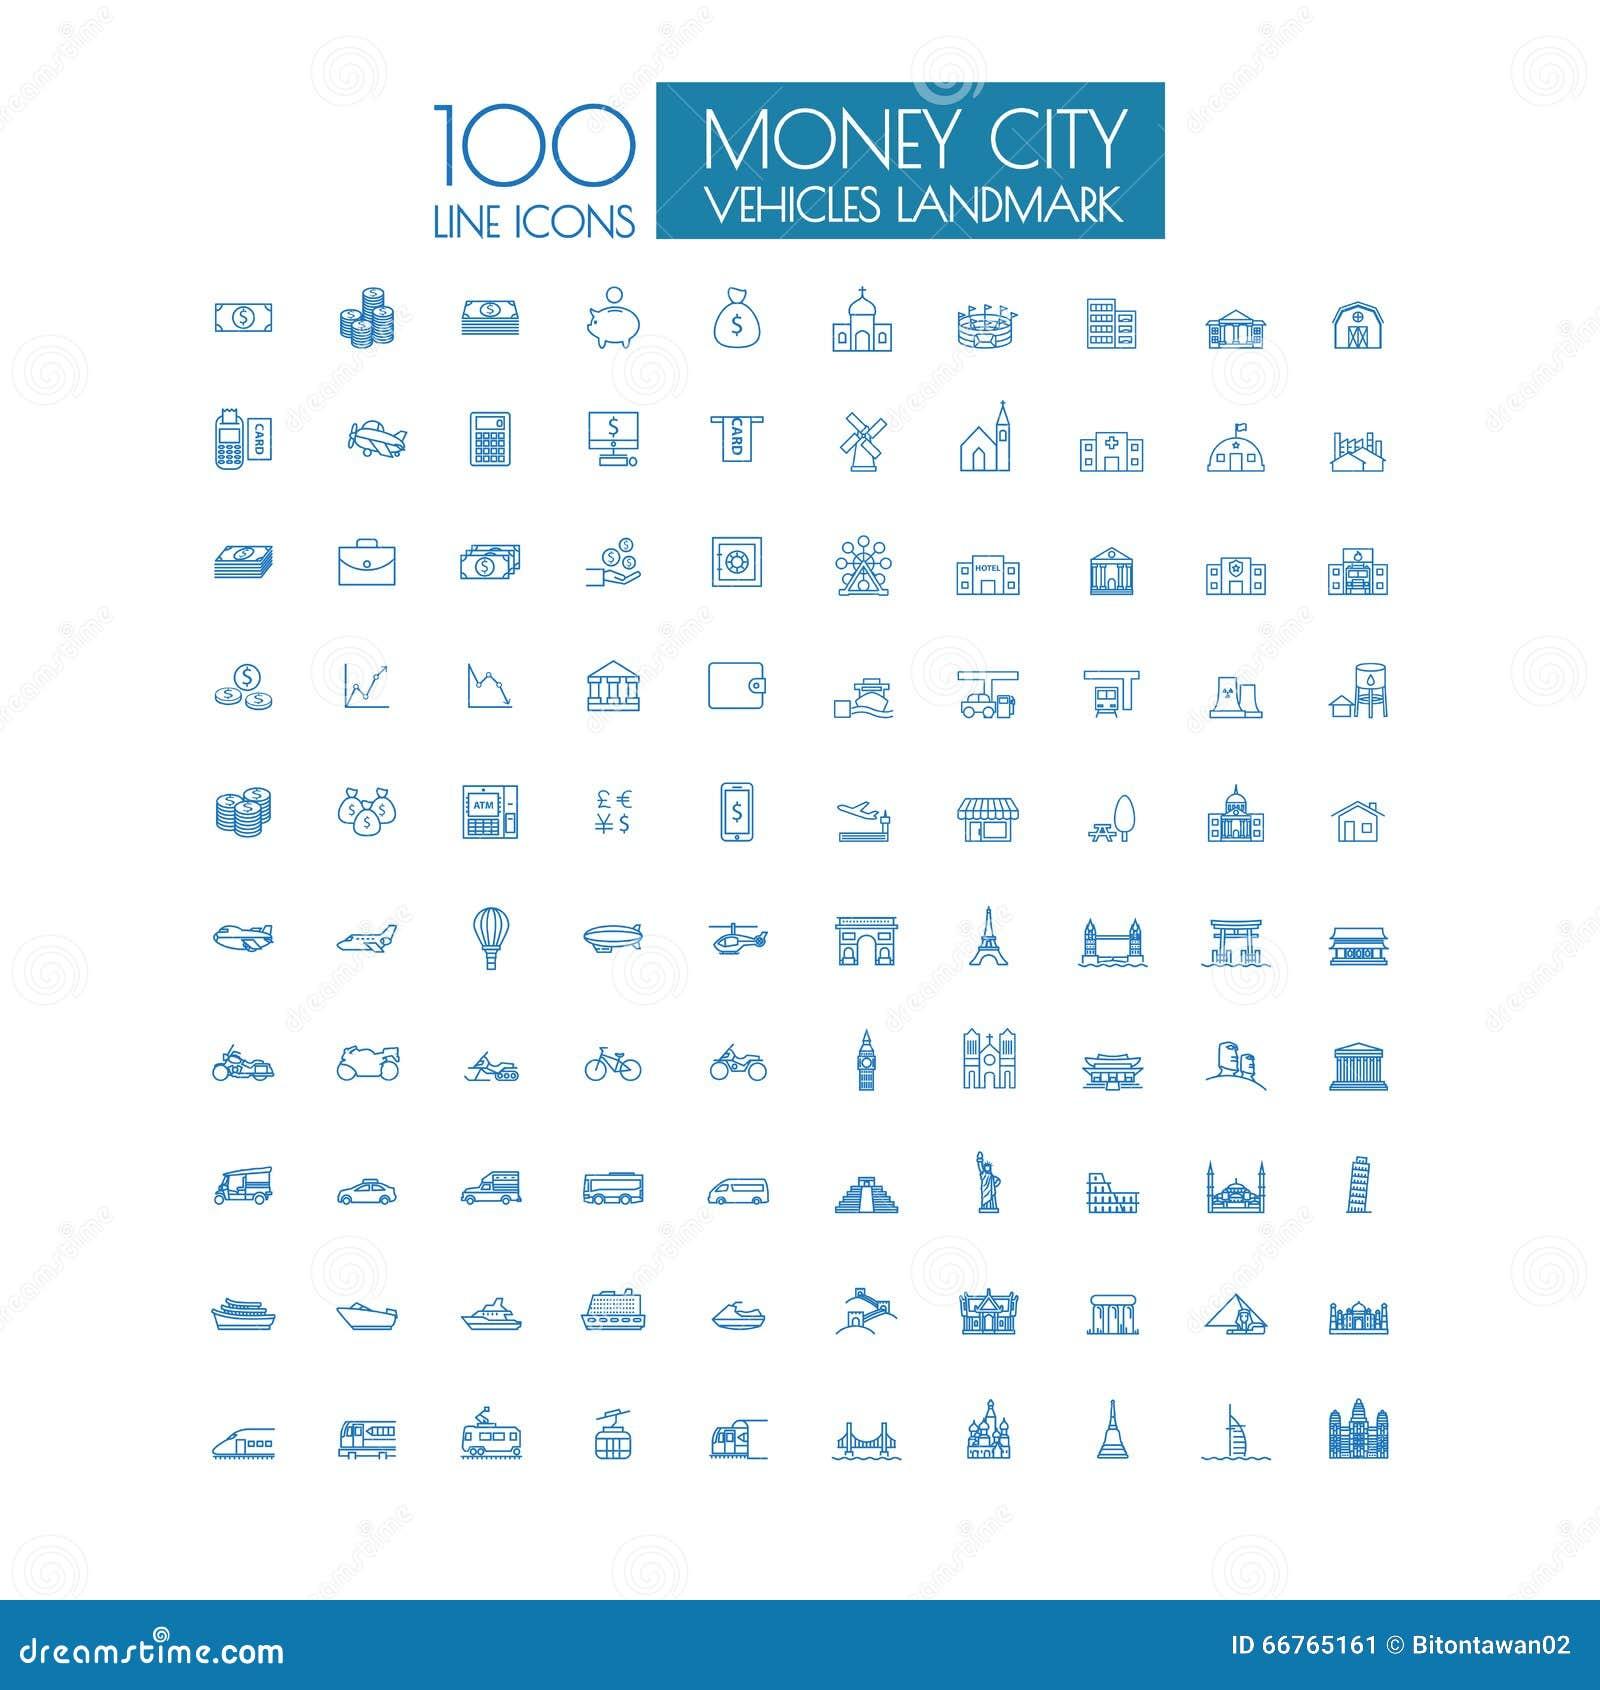 För affärslopp för 100 symboler gränsmärke och offentligt trans.